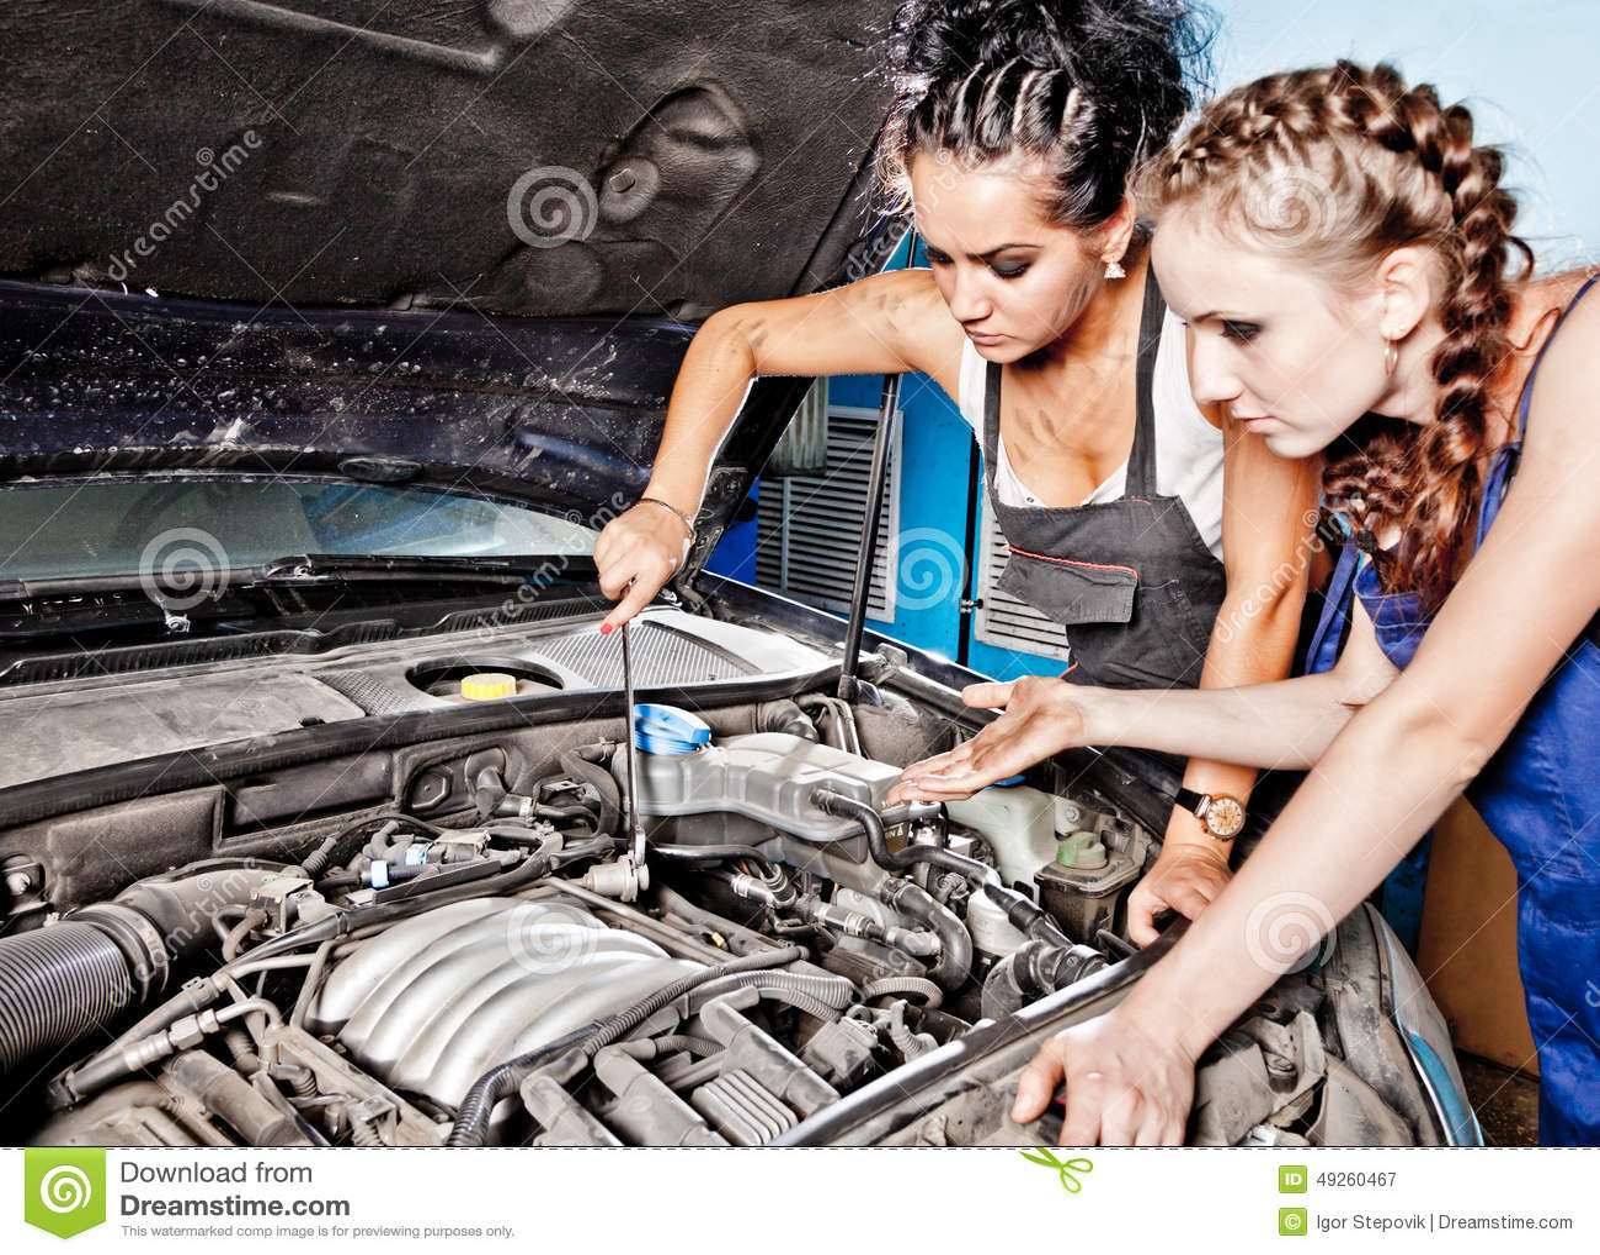 Automechaniker Mit Zwei Frauen, Der Ein Auto Repariert Stockbild ...